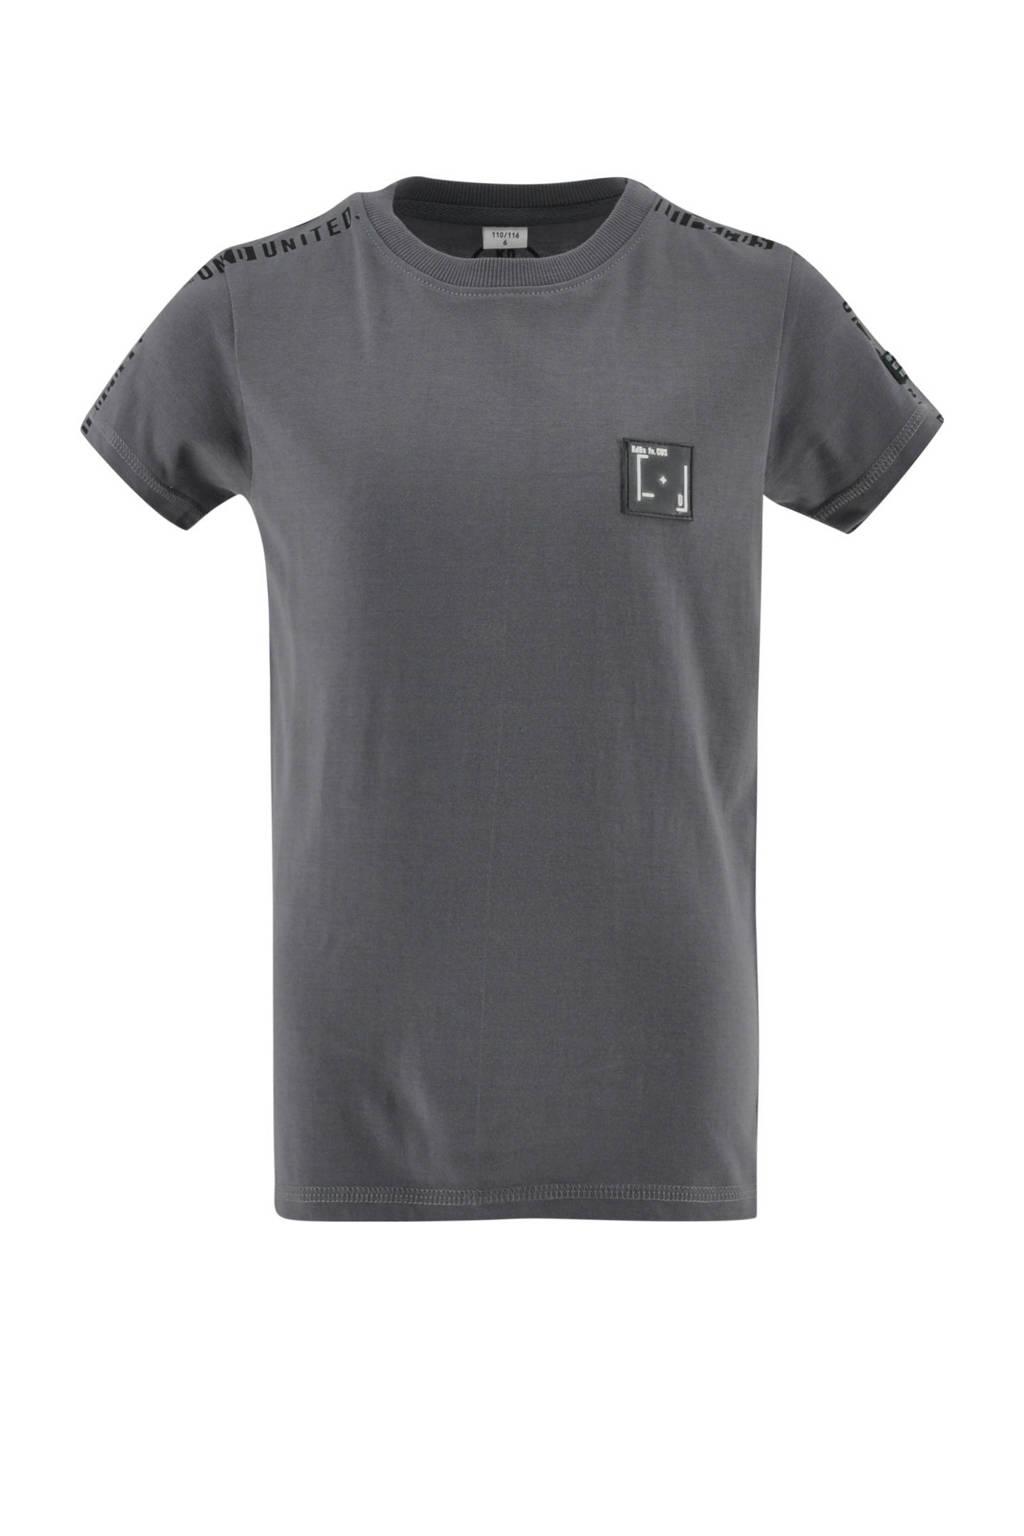 KIDDO T-shirt Troy met tekst zilvergrijs, Zilvergrijs